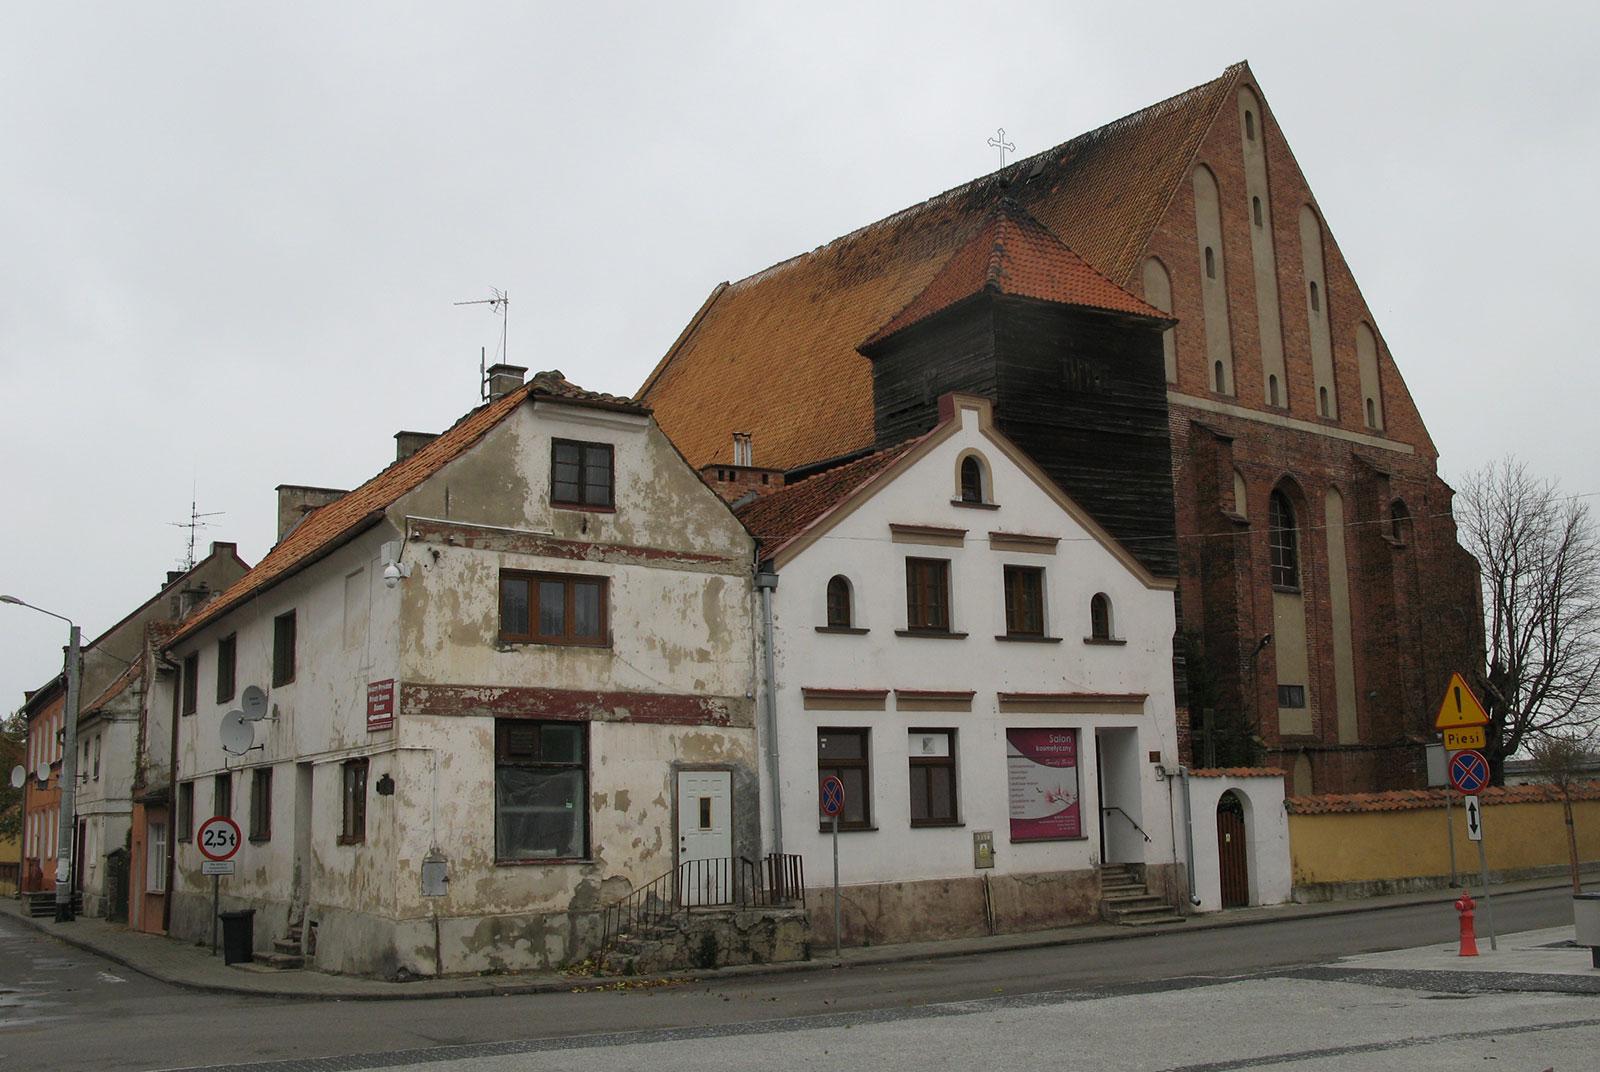 Улица во Фромборке Польша